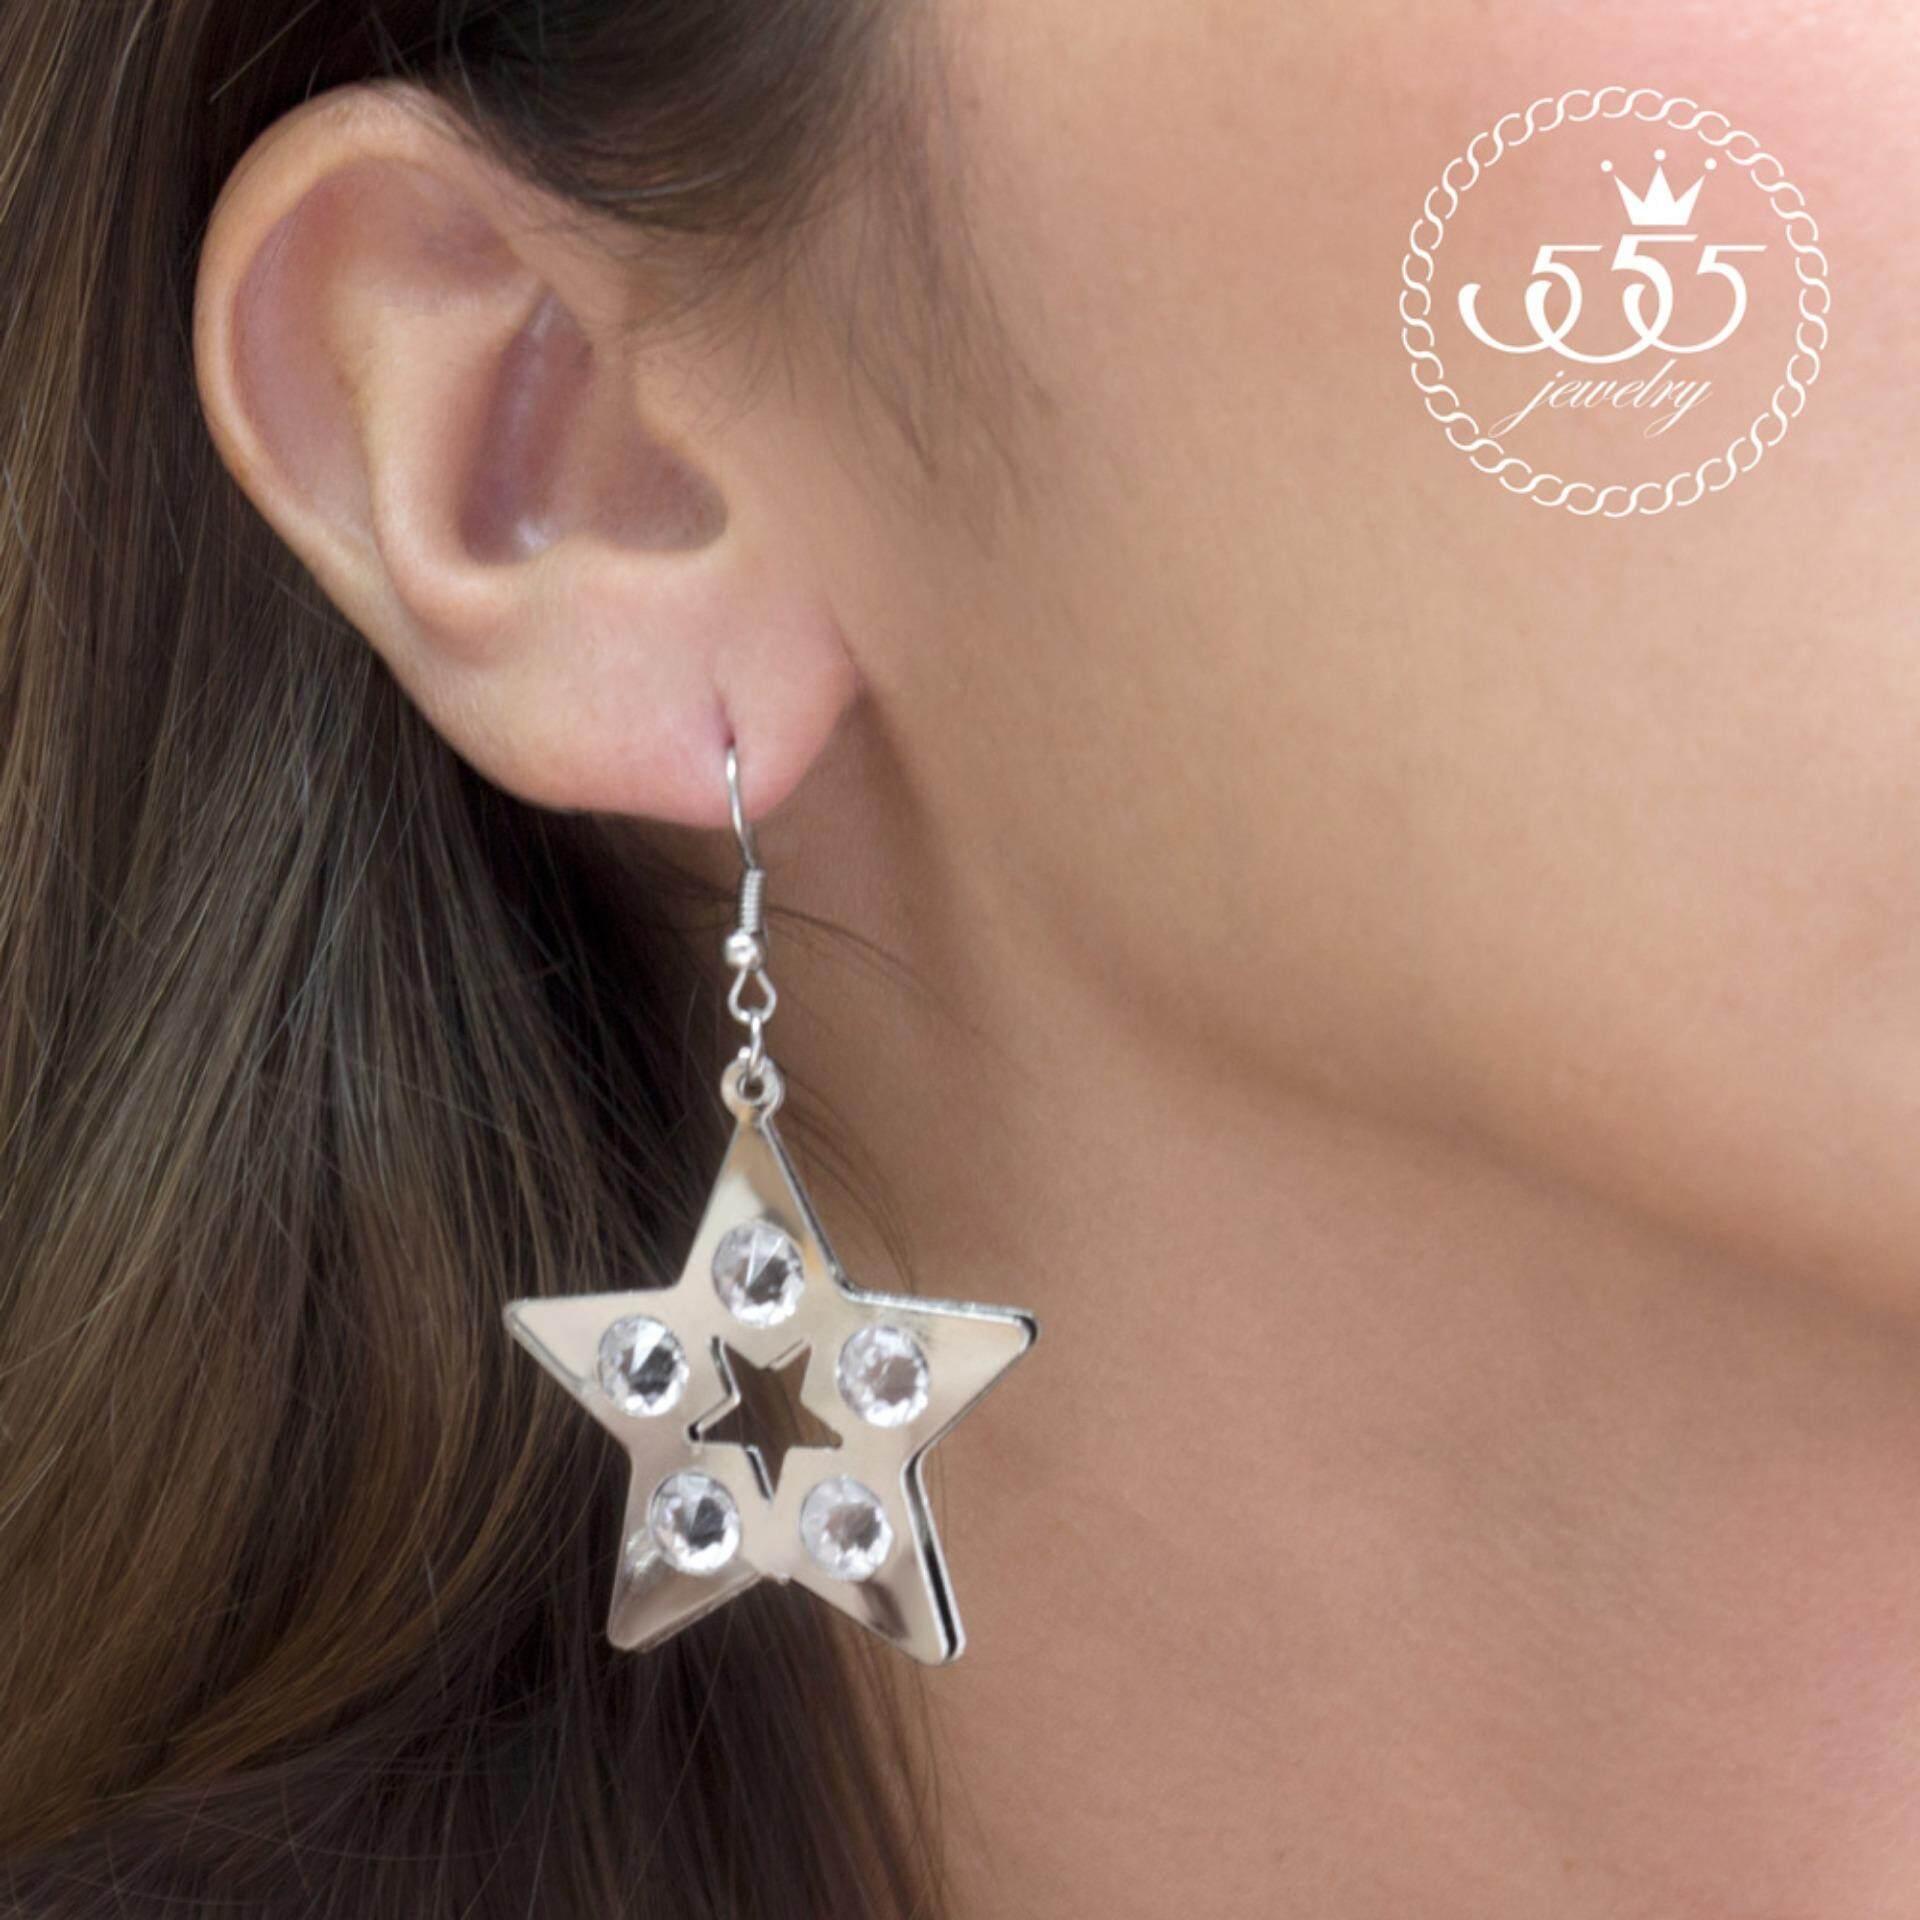 555jewelry ต่างหูแบบห้อยแฟชั่นลายดาว รุ่น MNC-BER068-A (BER20) ต่างหู ต่างหูแฟชั่น ต่างหูหนีบ ต่างหูทอง ต่างหูเงิน ต่างหูผู้หญิง